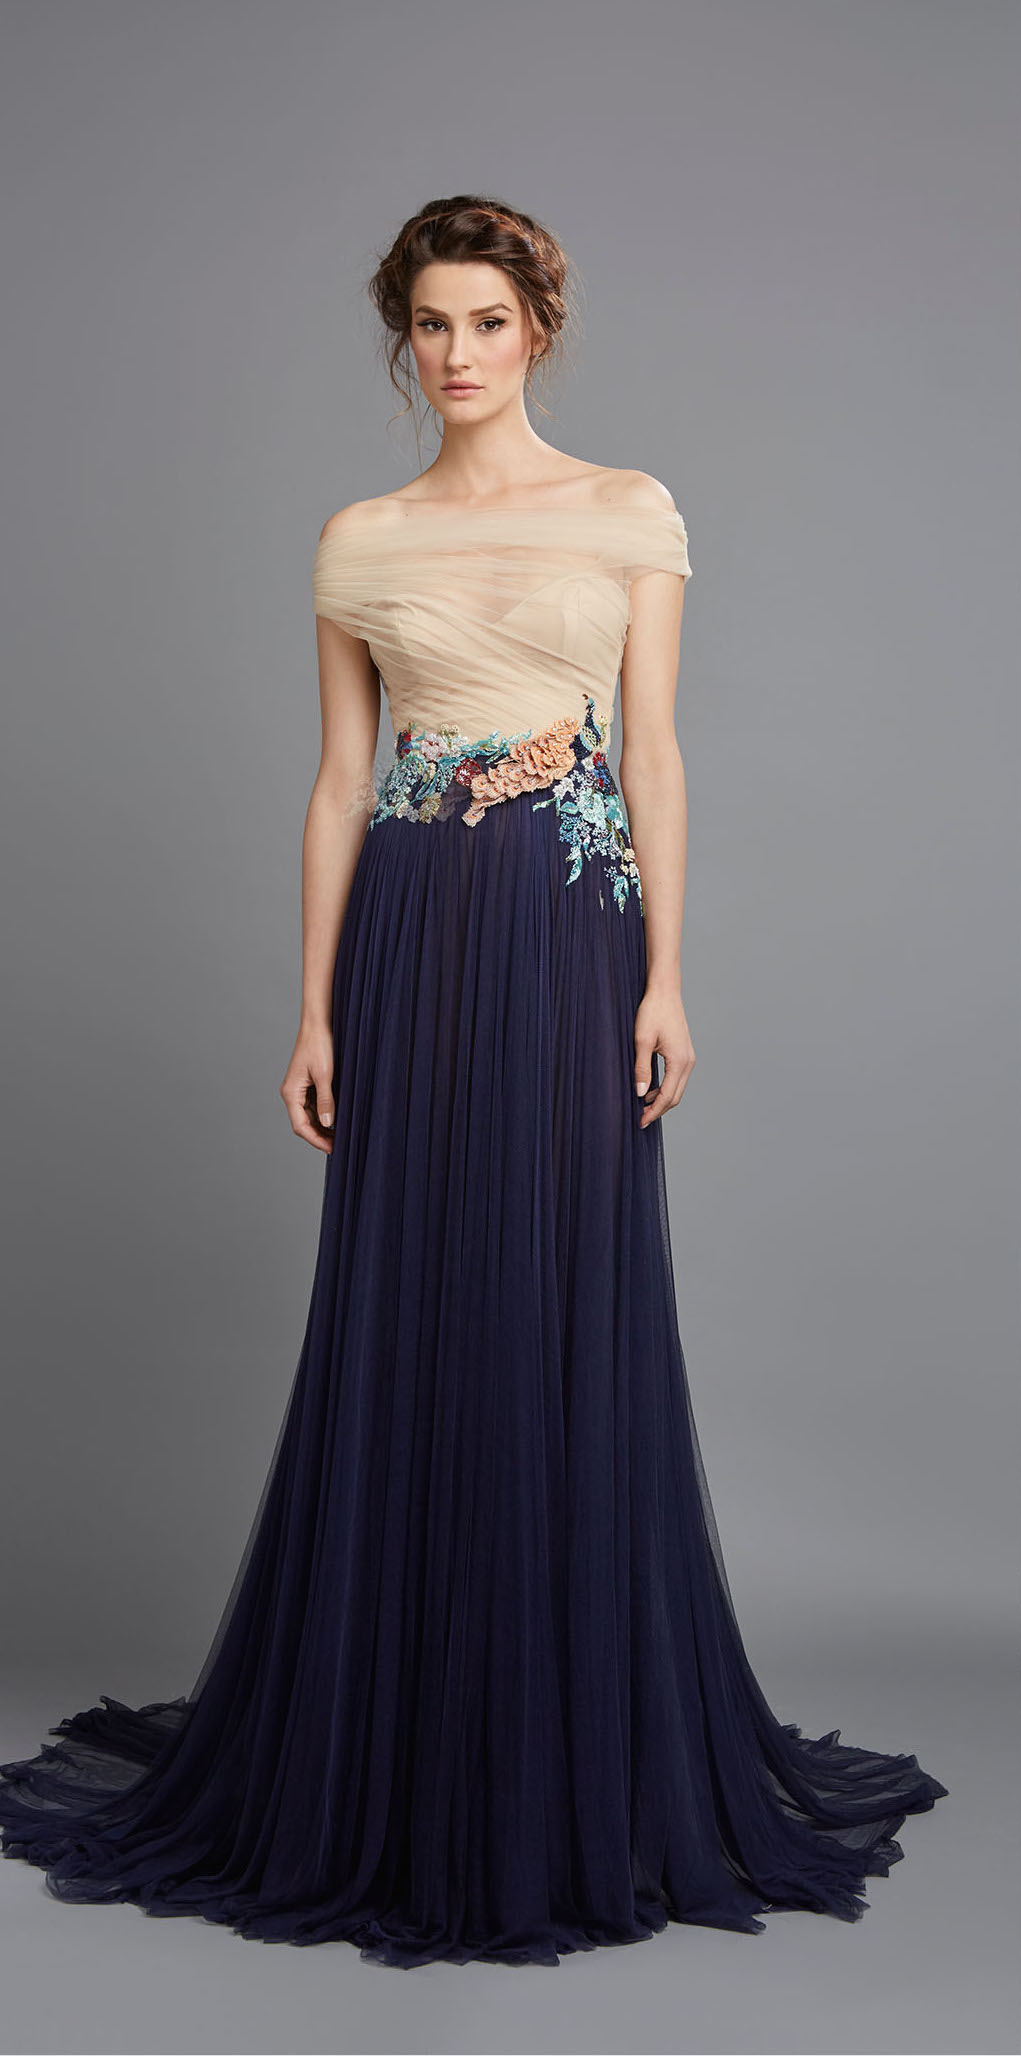 Elegant gowns by hamda al fahim